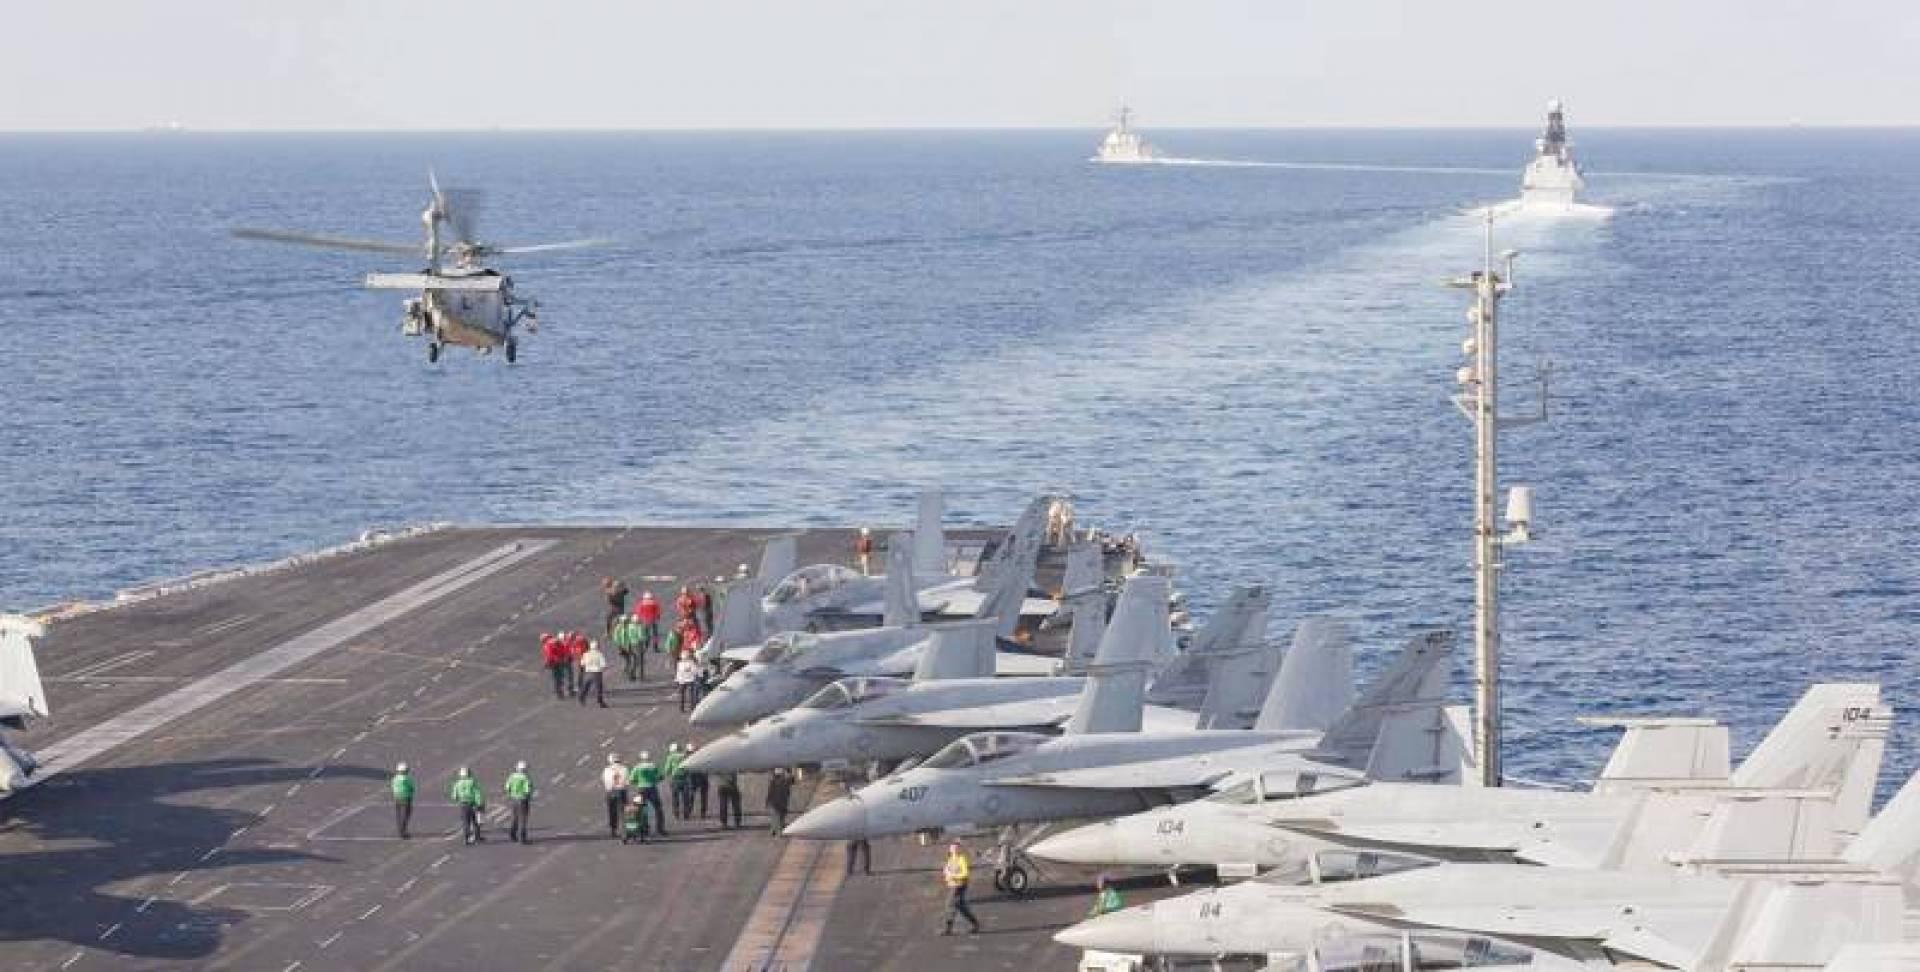 حاملة الطائرات لينكولن تعبر مضيق هرمز | البحرية الأميركية